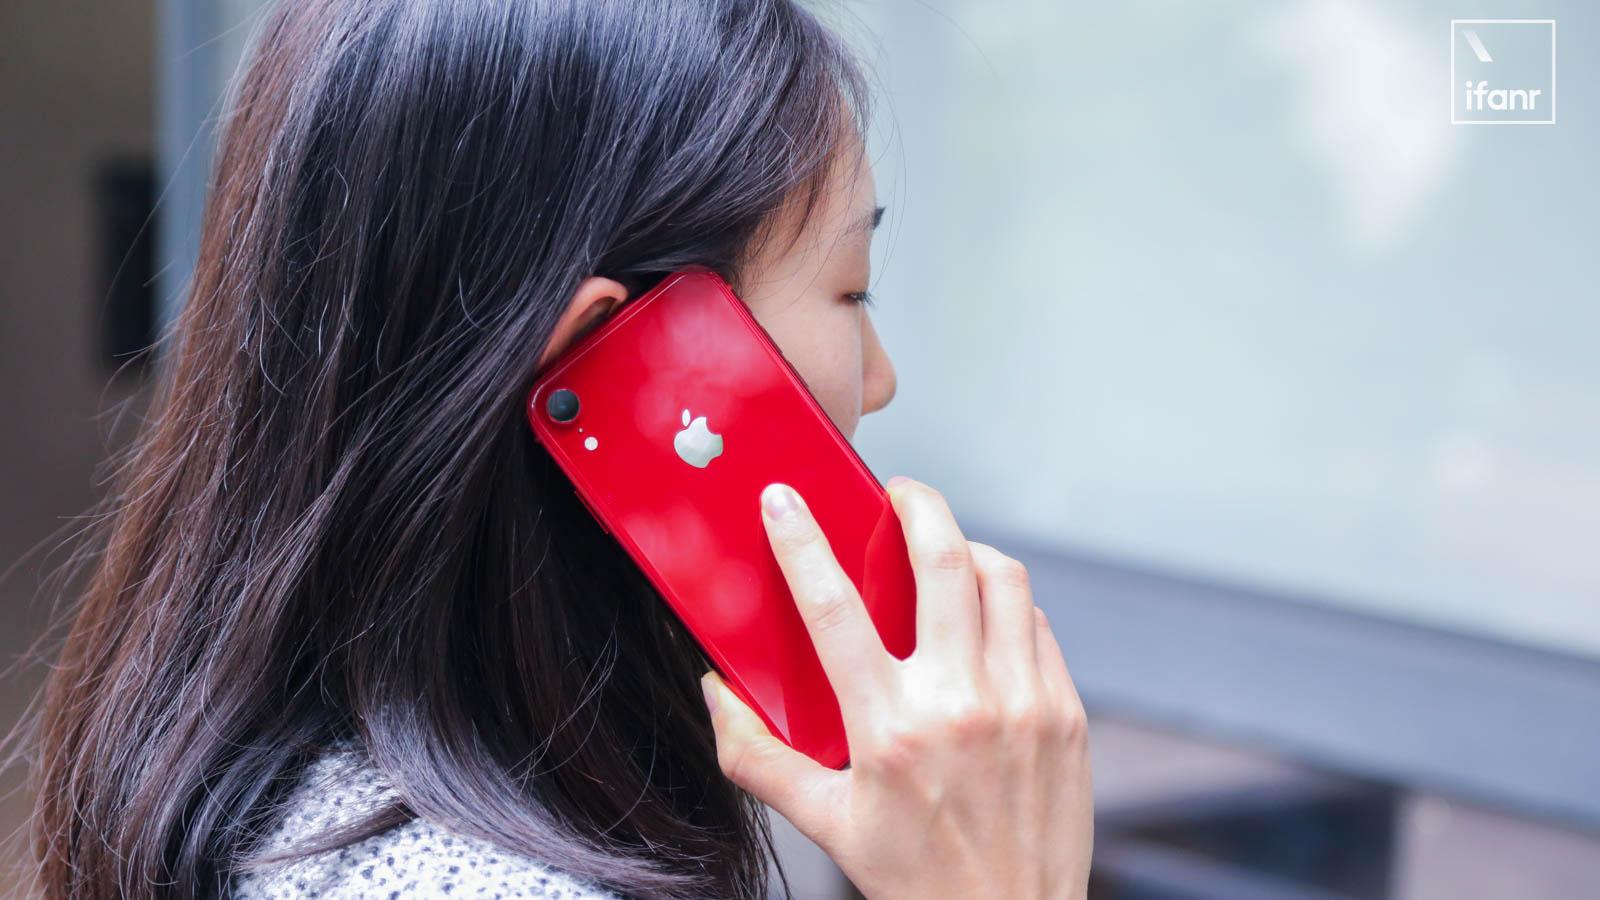 苹果发布新财报:iPhone 出售额大跌,但效劳支出创下新高